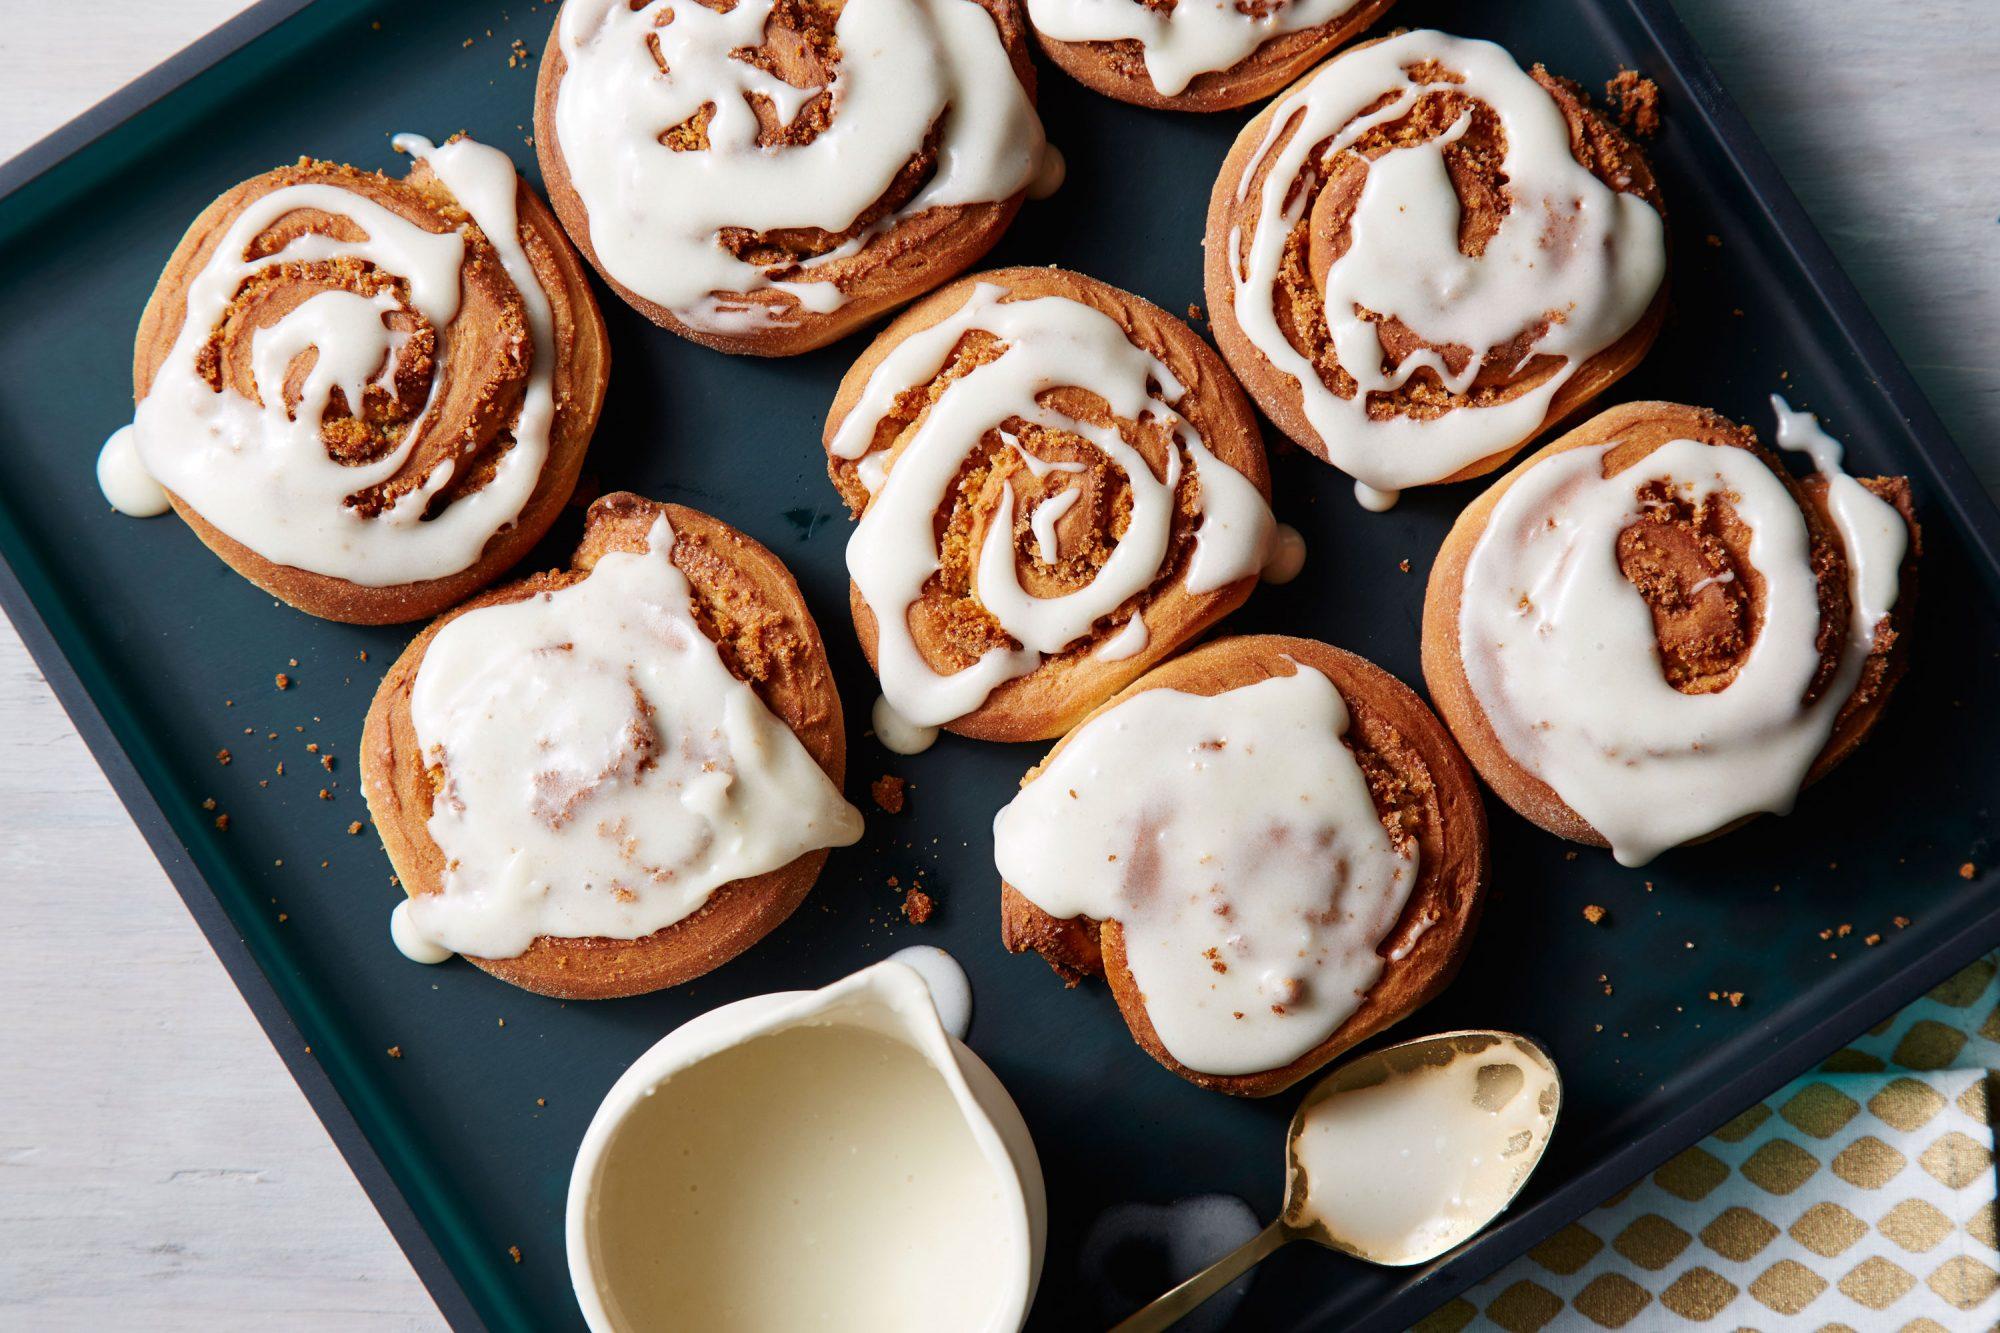 Freshly glazed cinnamon rolls on a serving platter.